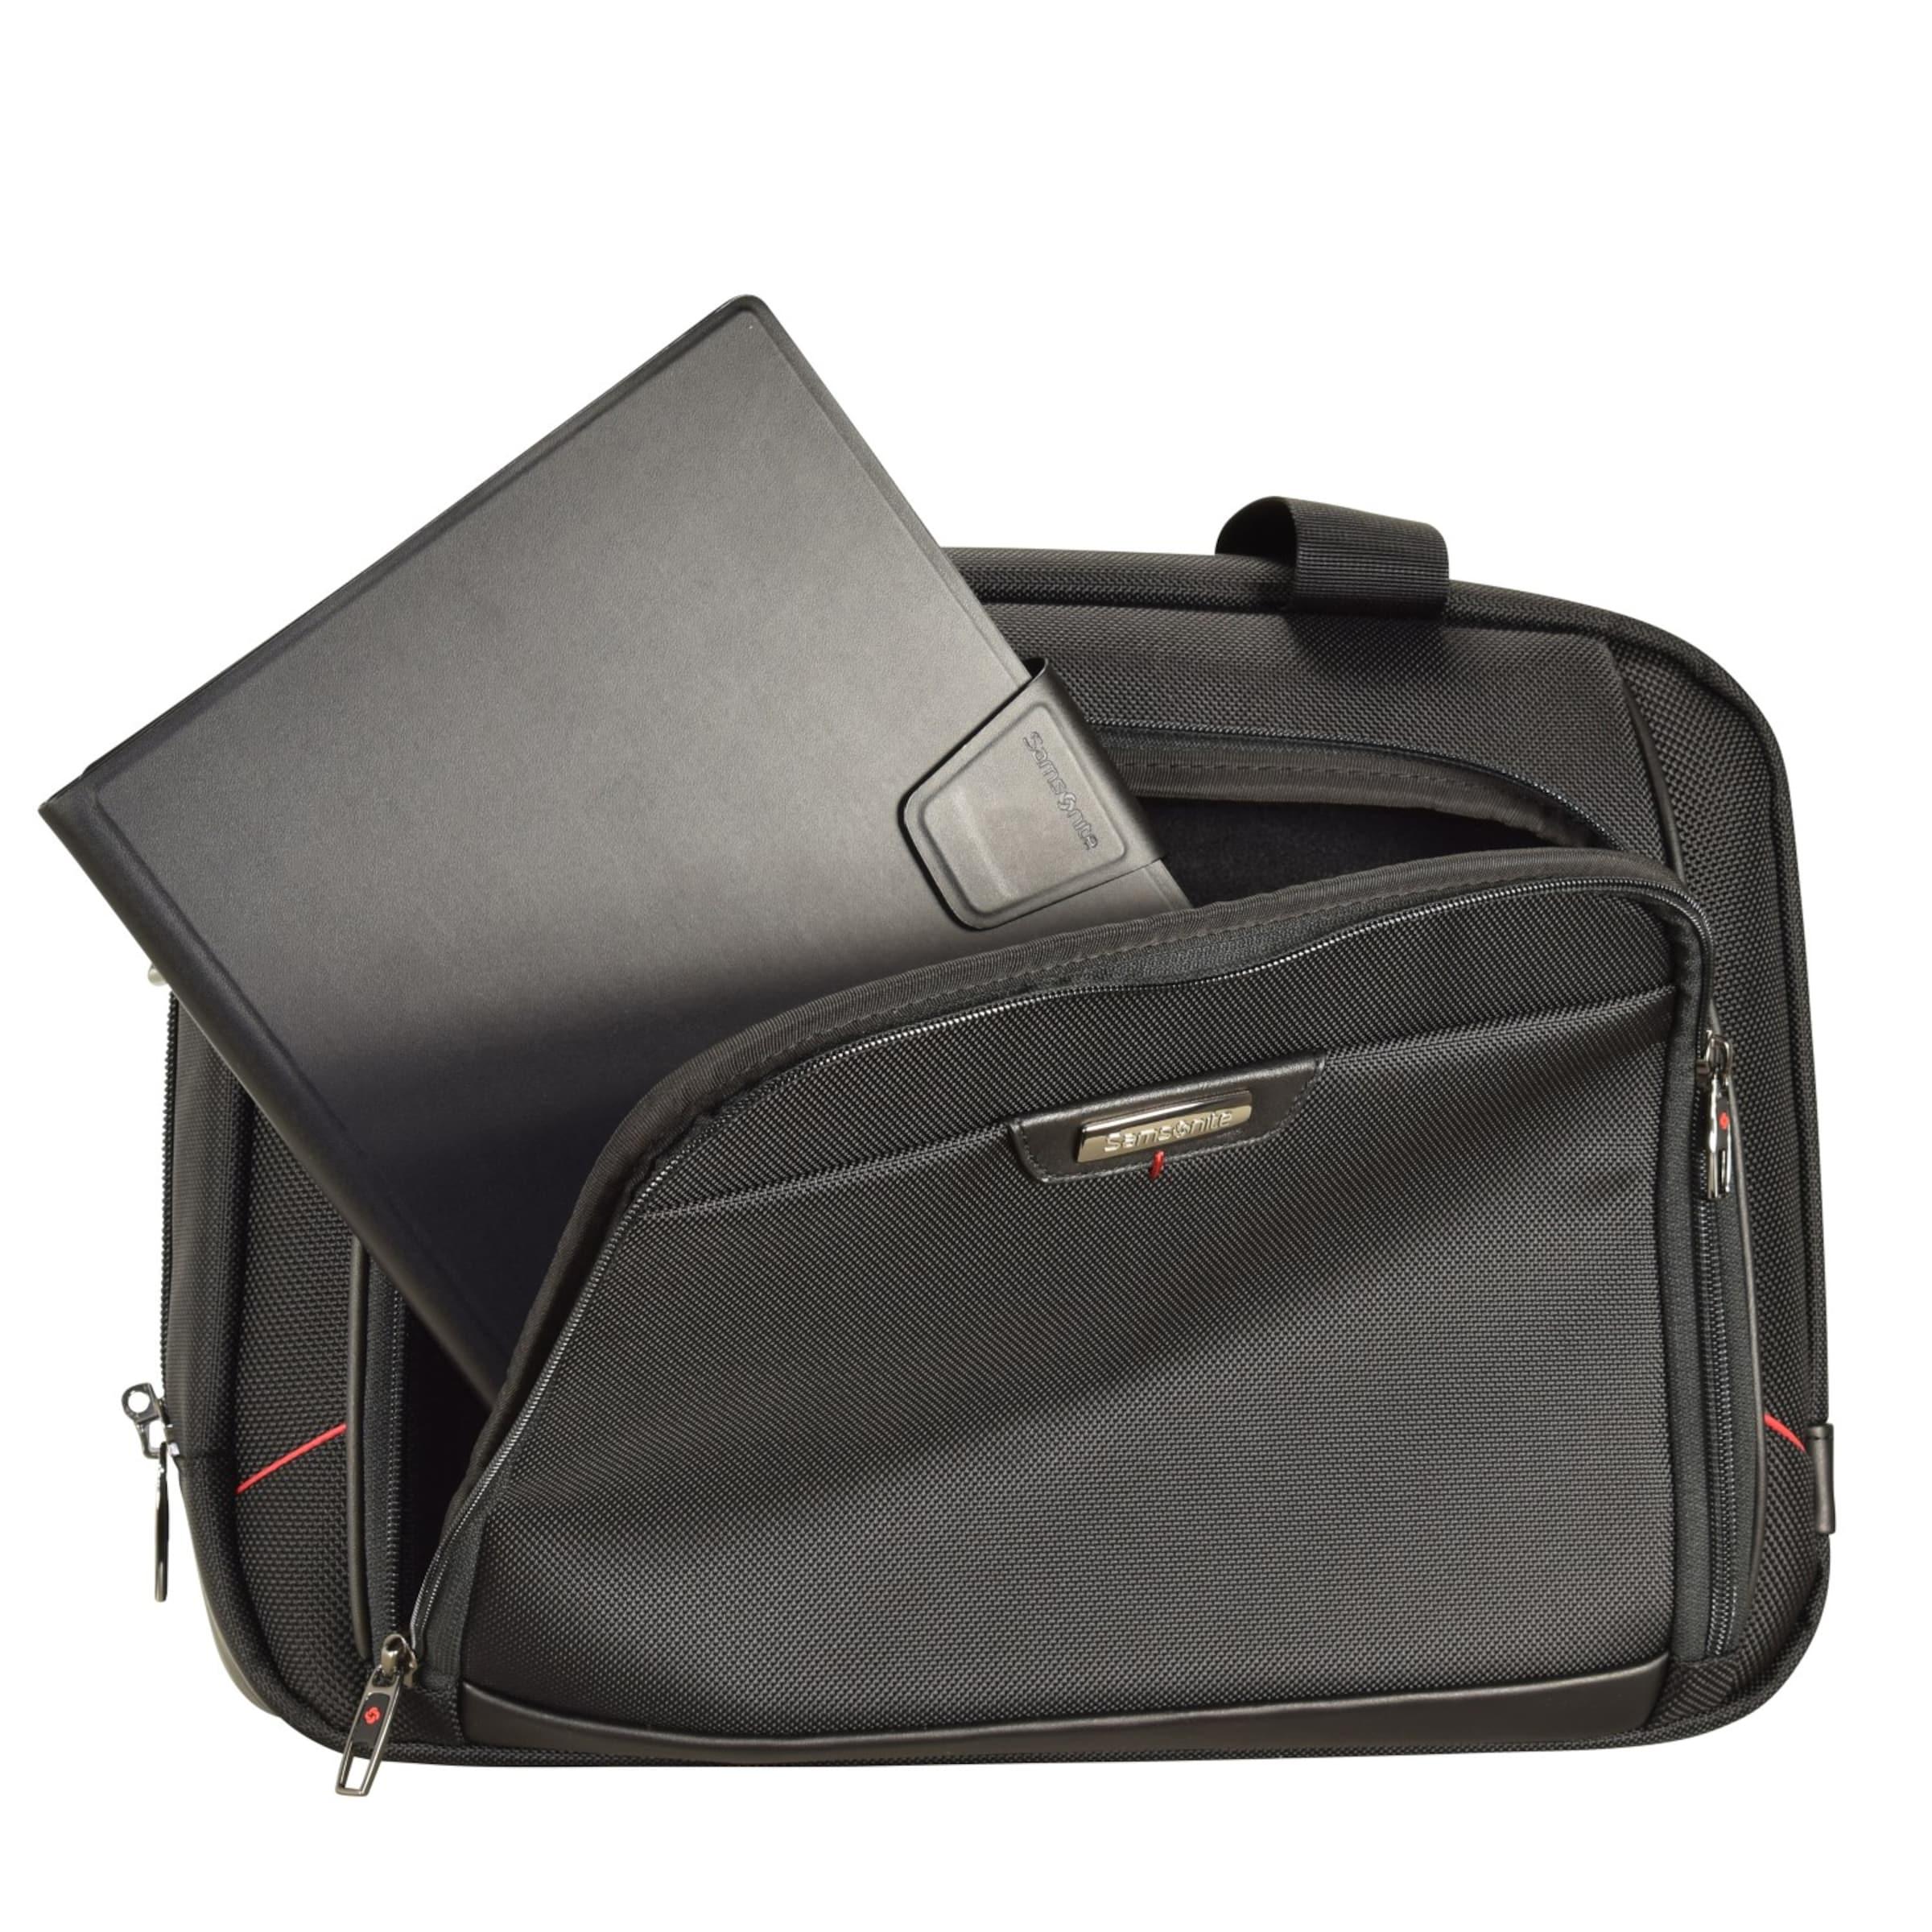 Business Pro Laptopfach 4 In Cm Samsonite Aktentasche 40 dlx Schwarz FKJcTl13